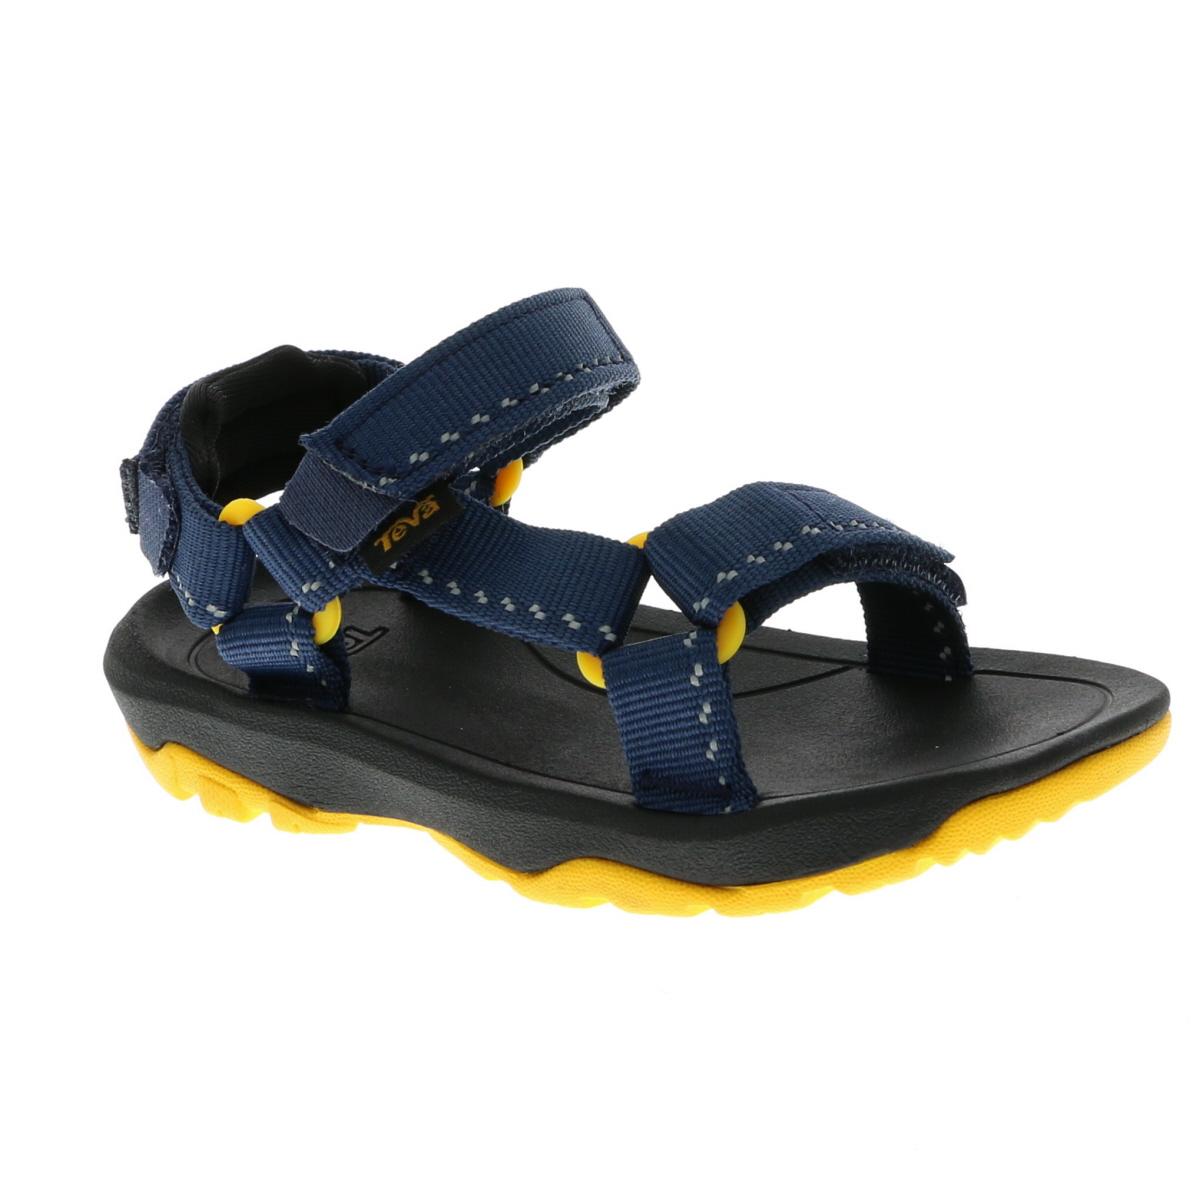 gratis verzending fabriek goedkoop te koop Teva sandalen voor je kind - Bestel online | Kleertjes.com